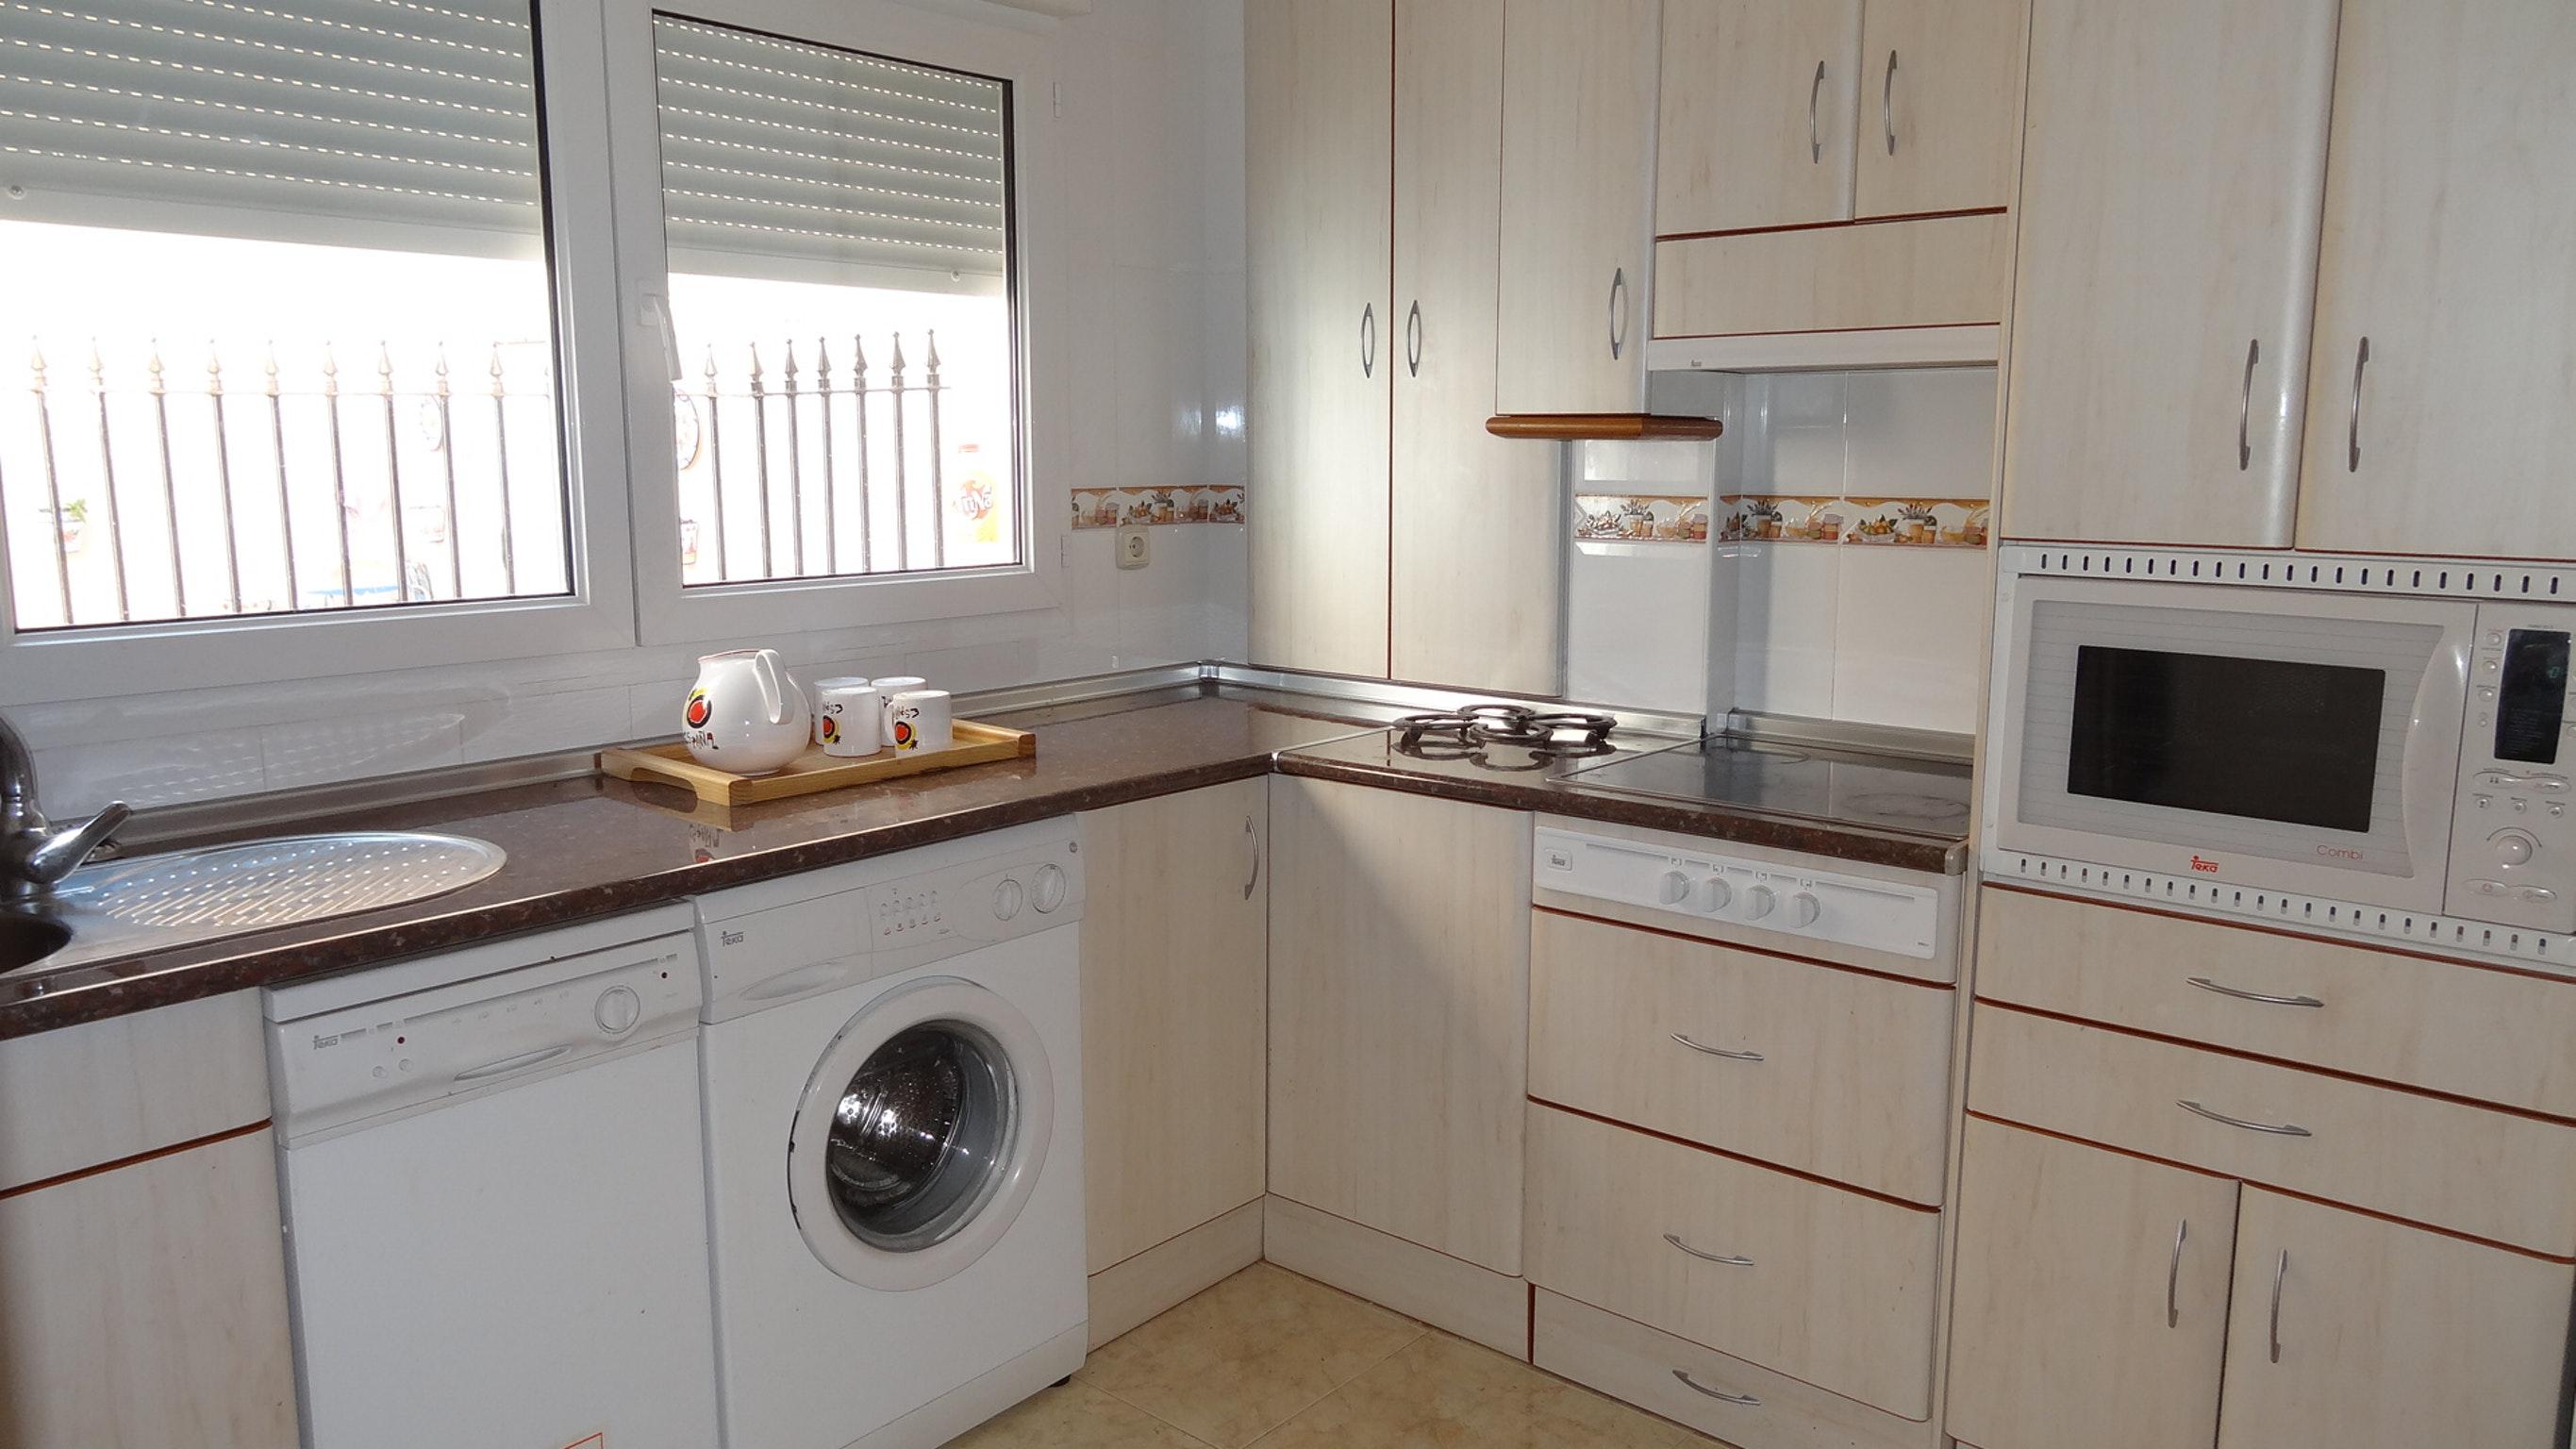 Ferienwohnung Wohnung mit 4 Schlafzimmern in Aldea Real mit Terrasse (2202151), Aldea Real, Segovia, Kastilien-León, Spanien, Bild 3